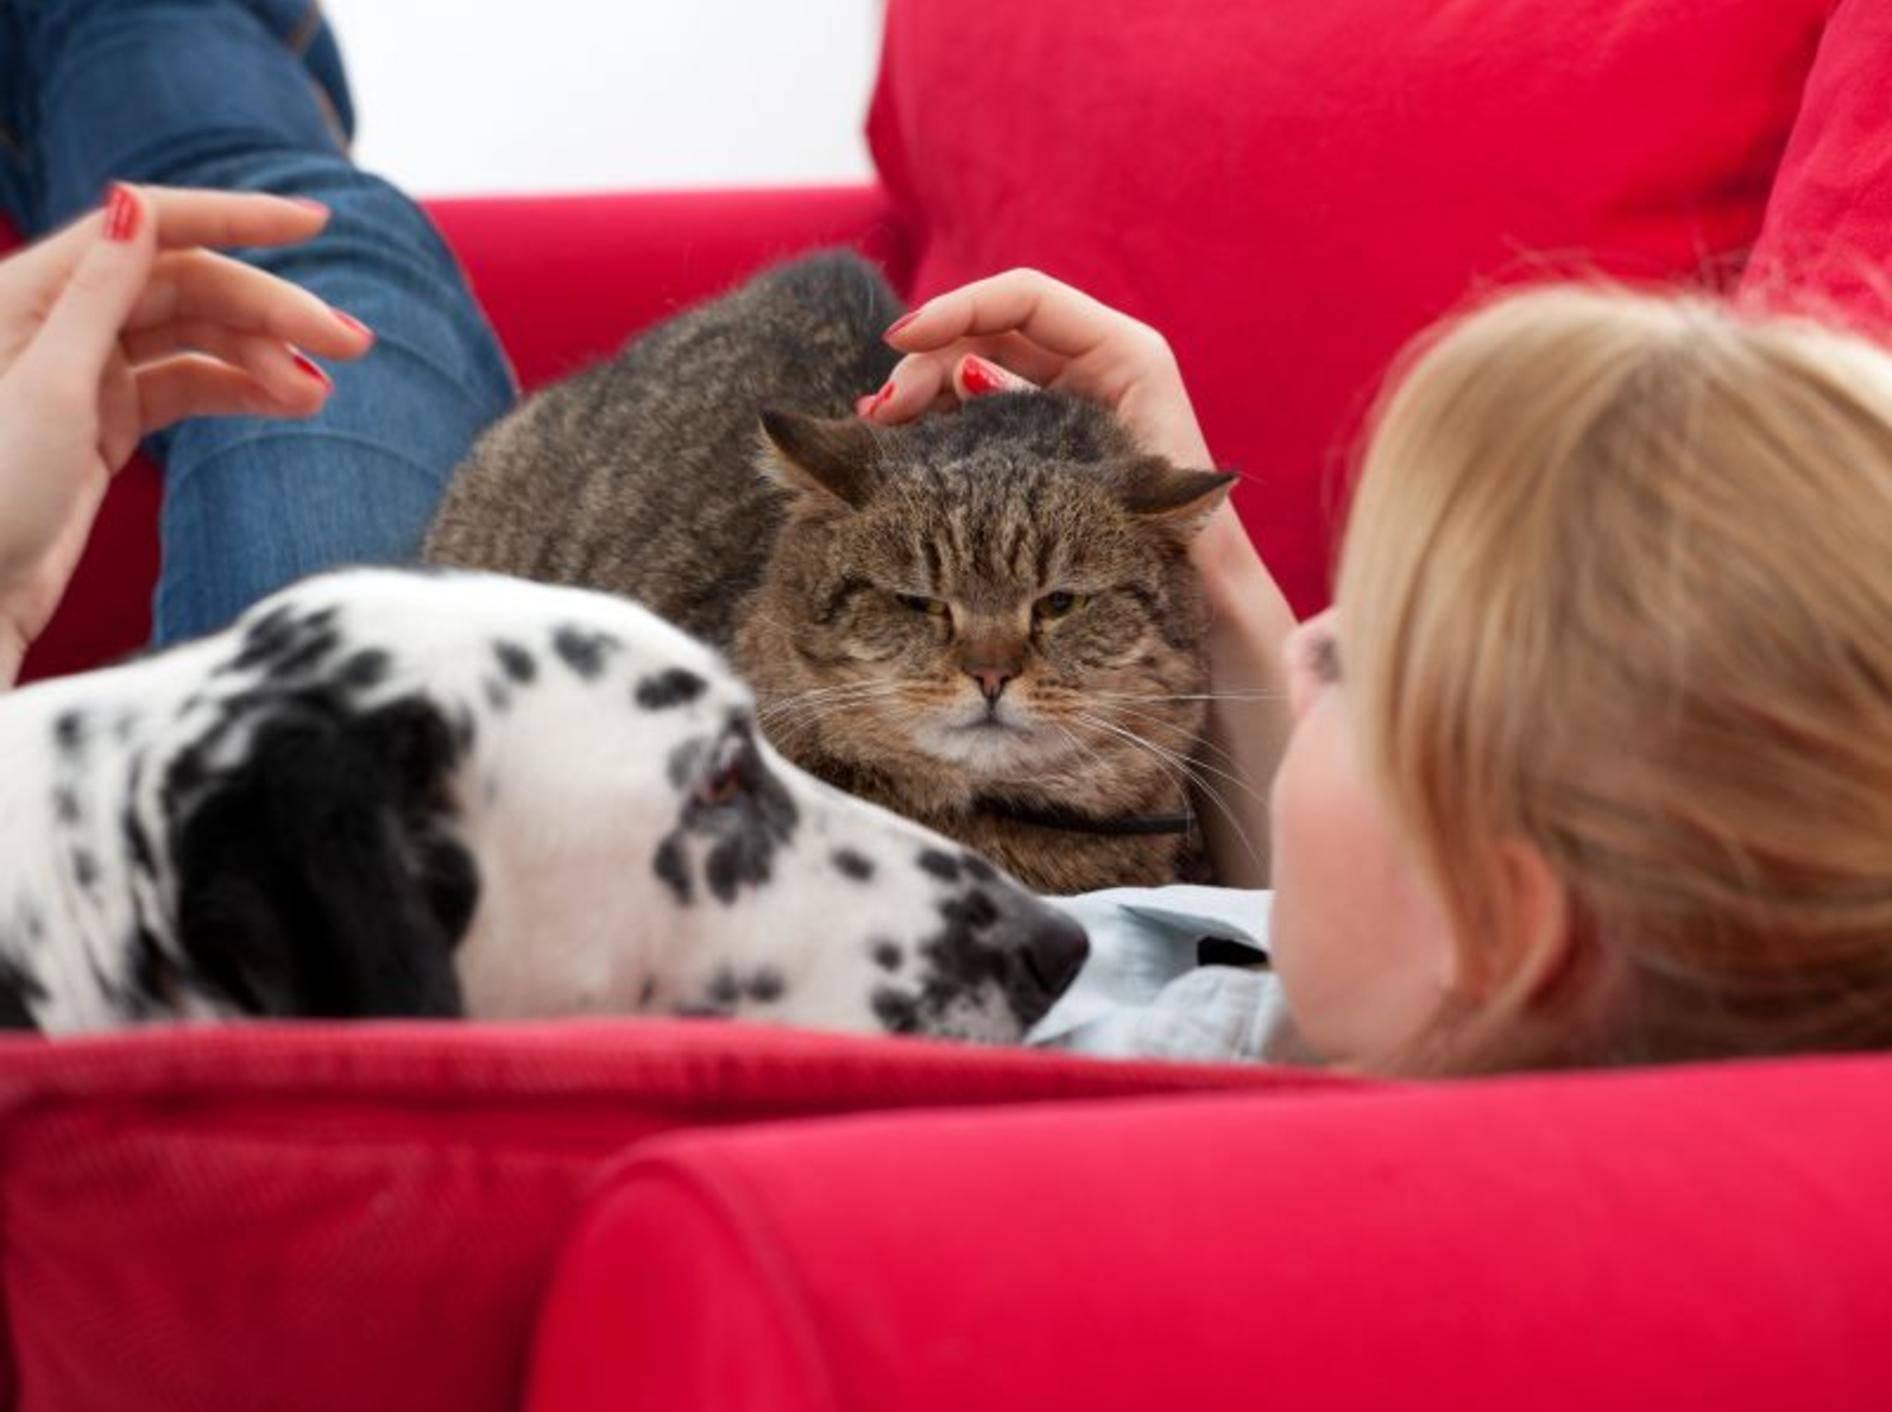 Haarige Angelegenheit: Fellwechsel bei Hund und Katze — Bild: Shutterstock / photomak